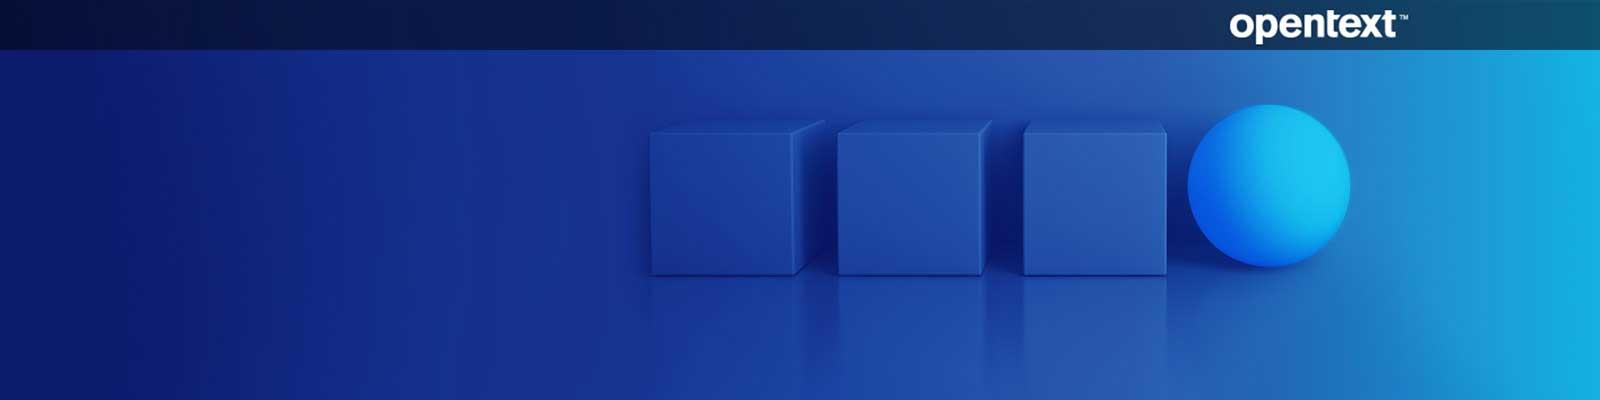 Opentext Content Services Platform